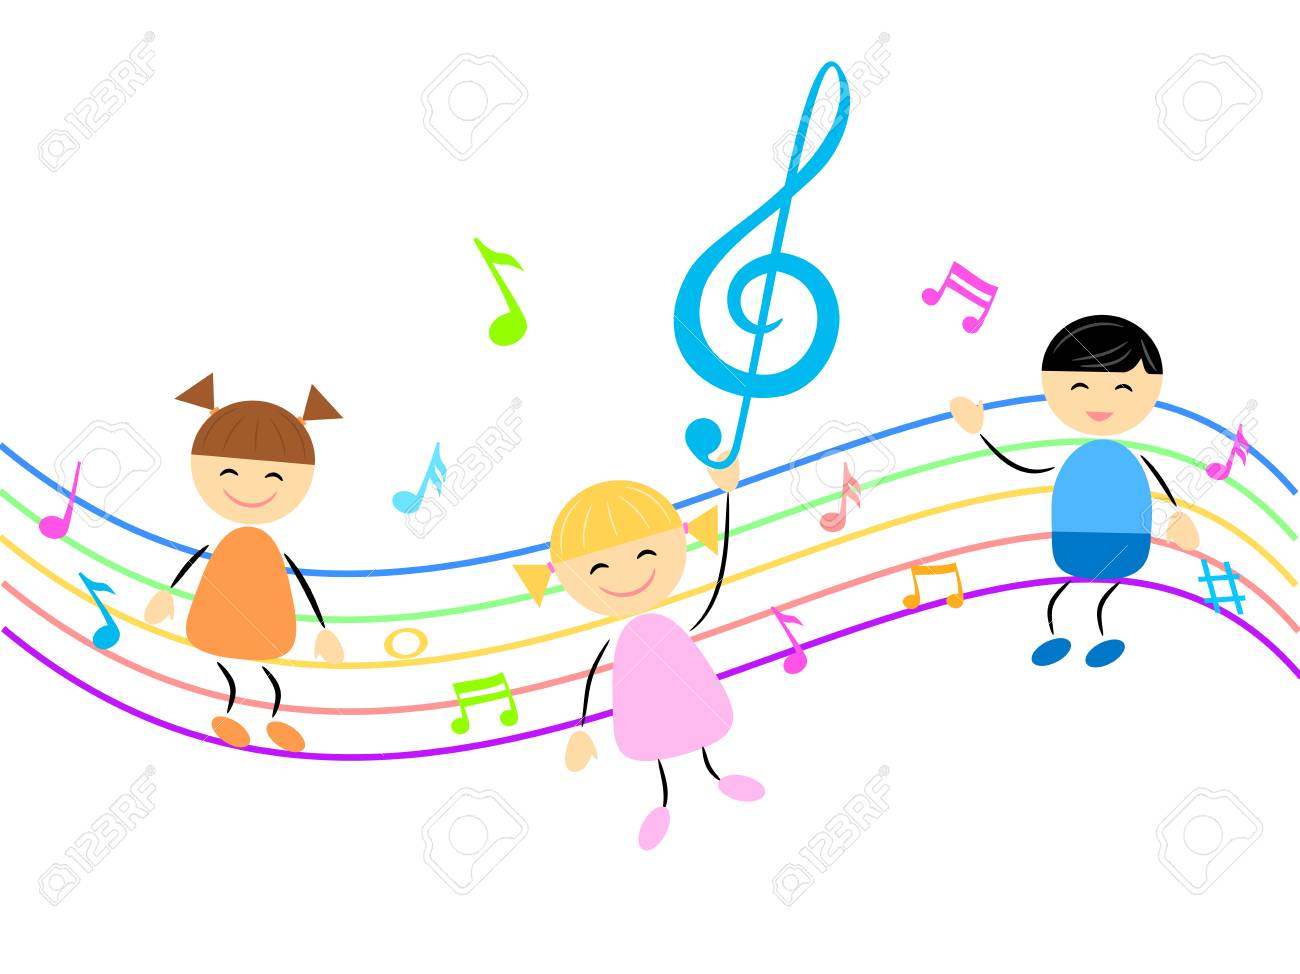 子供や音楽のイラスト ロイヤリティフリークリップアート、ベクター